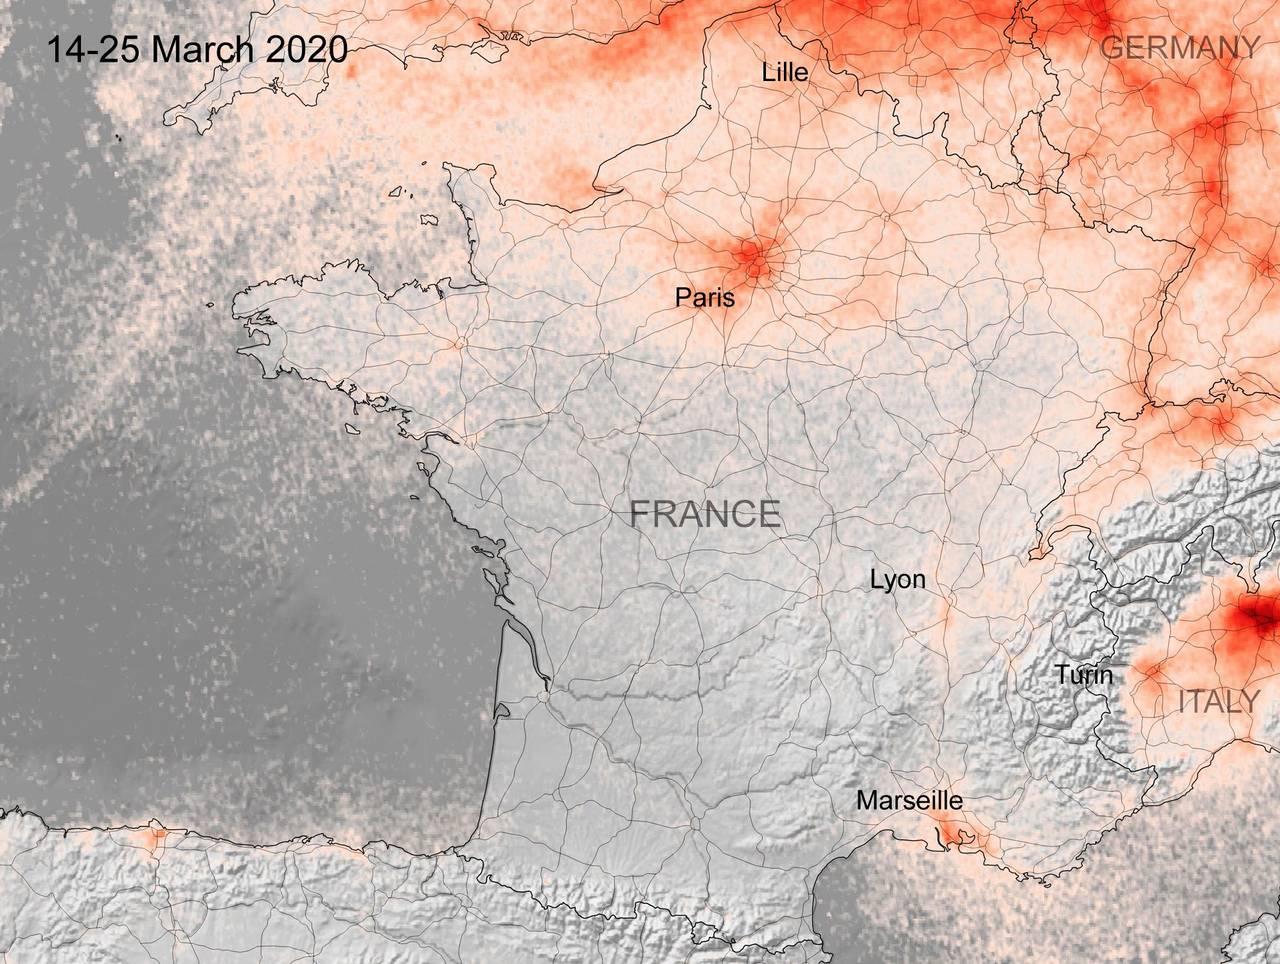 Kart fra ESA som viser konsentrasjonen av NOx-gasser i Frankrike i perioden 14.-25. mars 2020